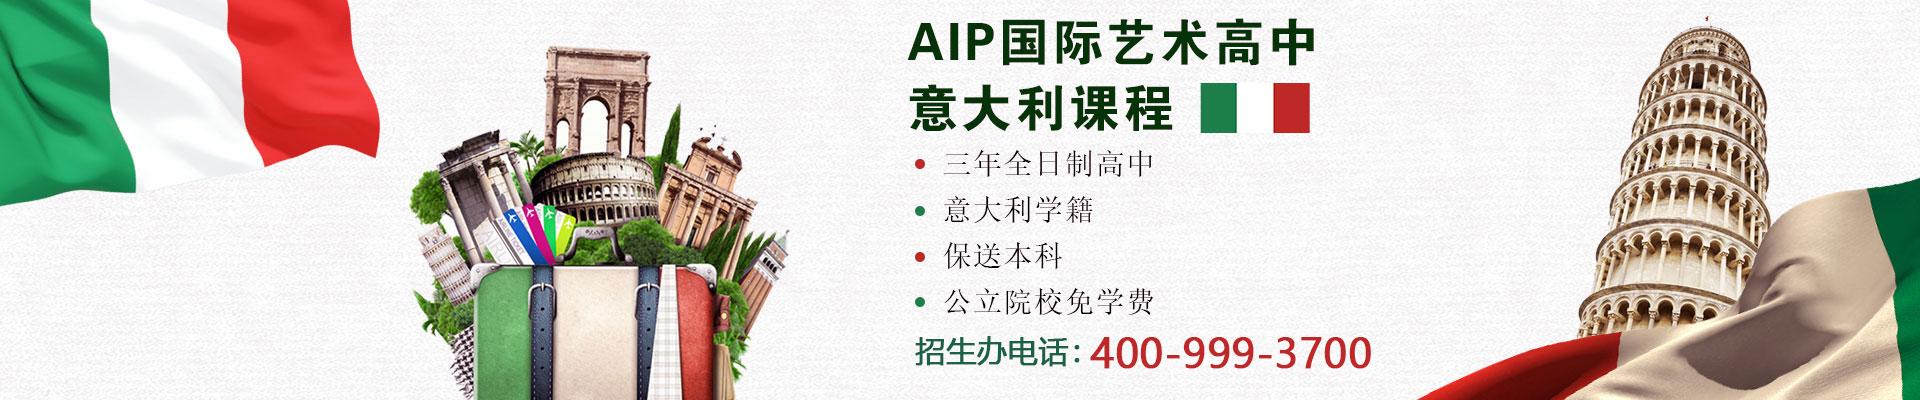 中国美术学院附中AIP意大利班招生简章